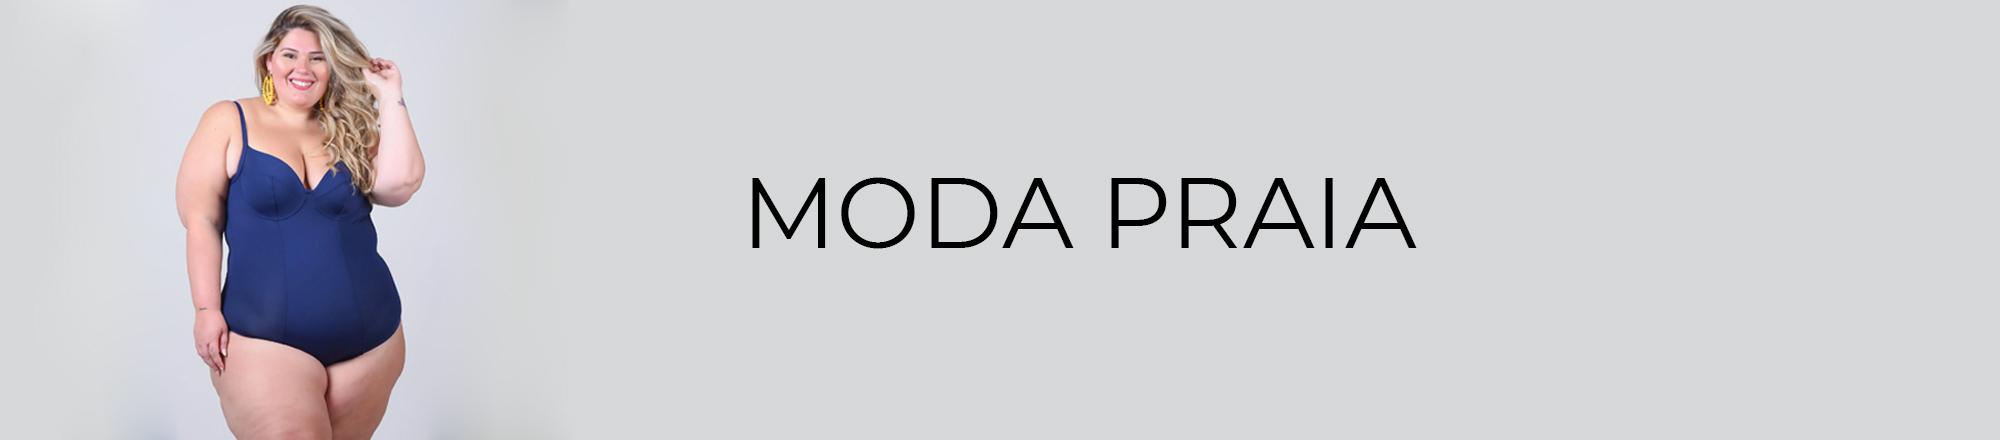 Banner-modapraia